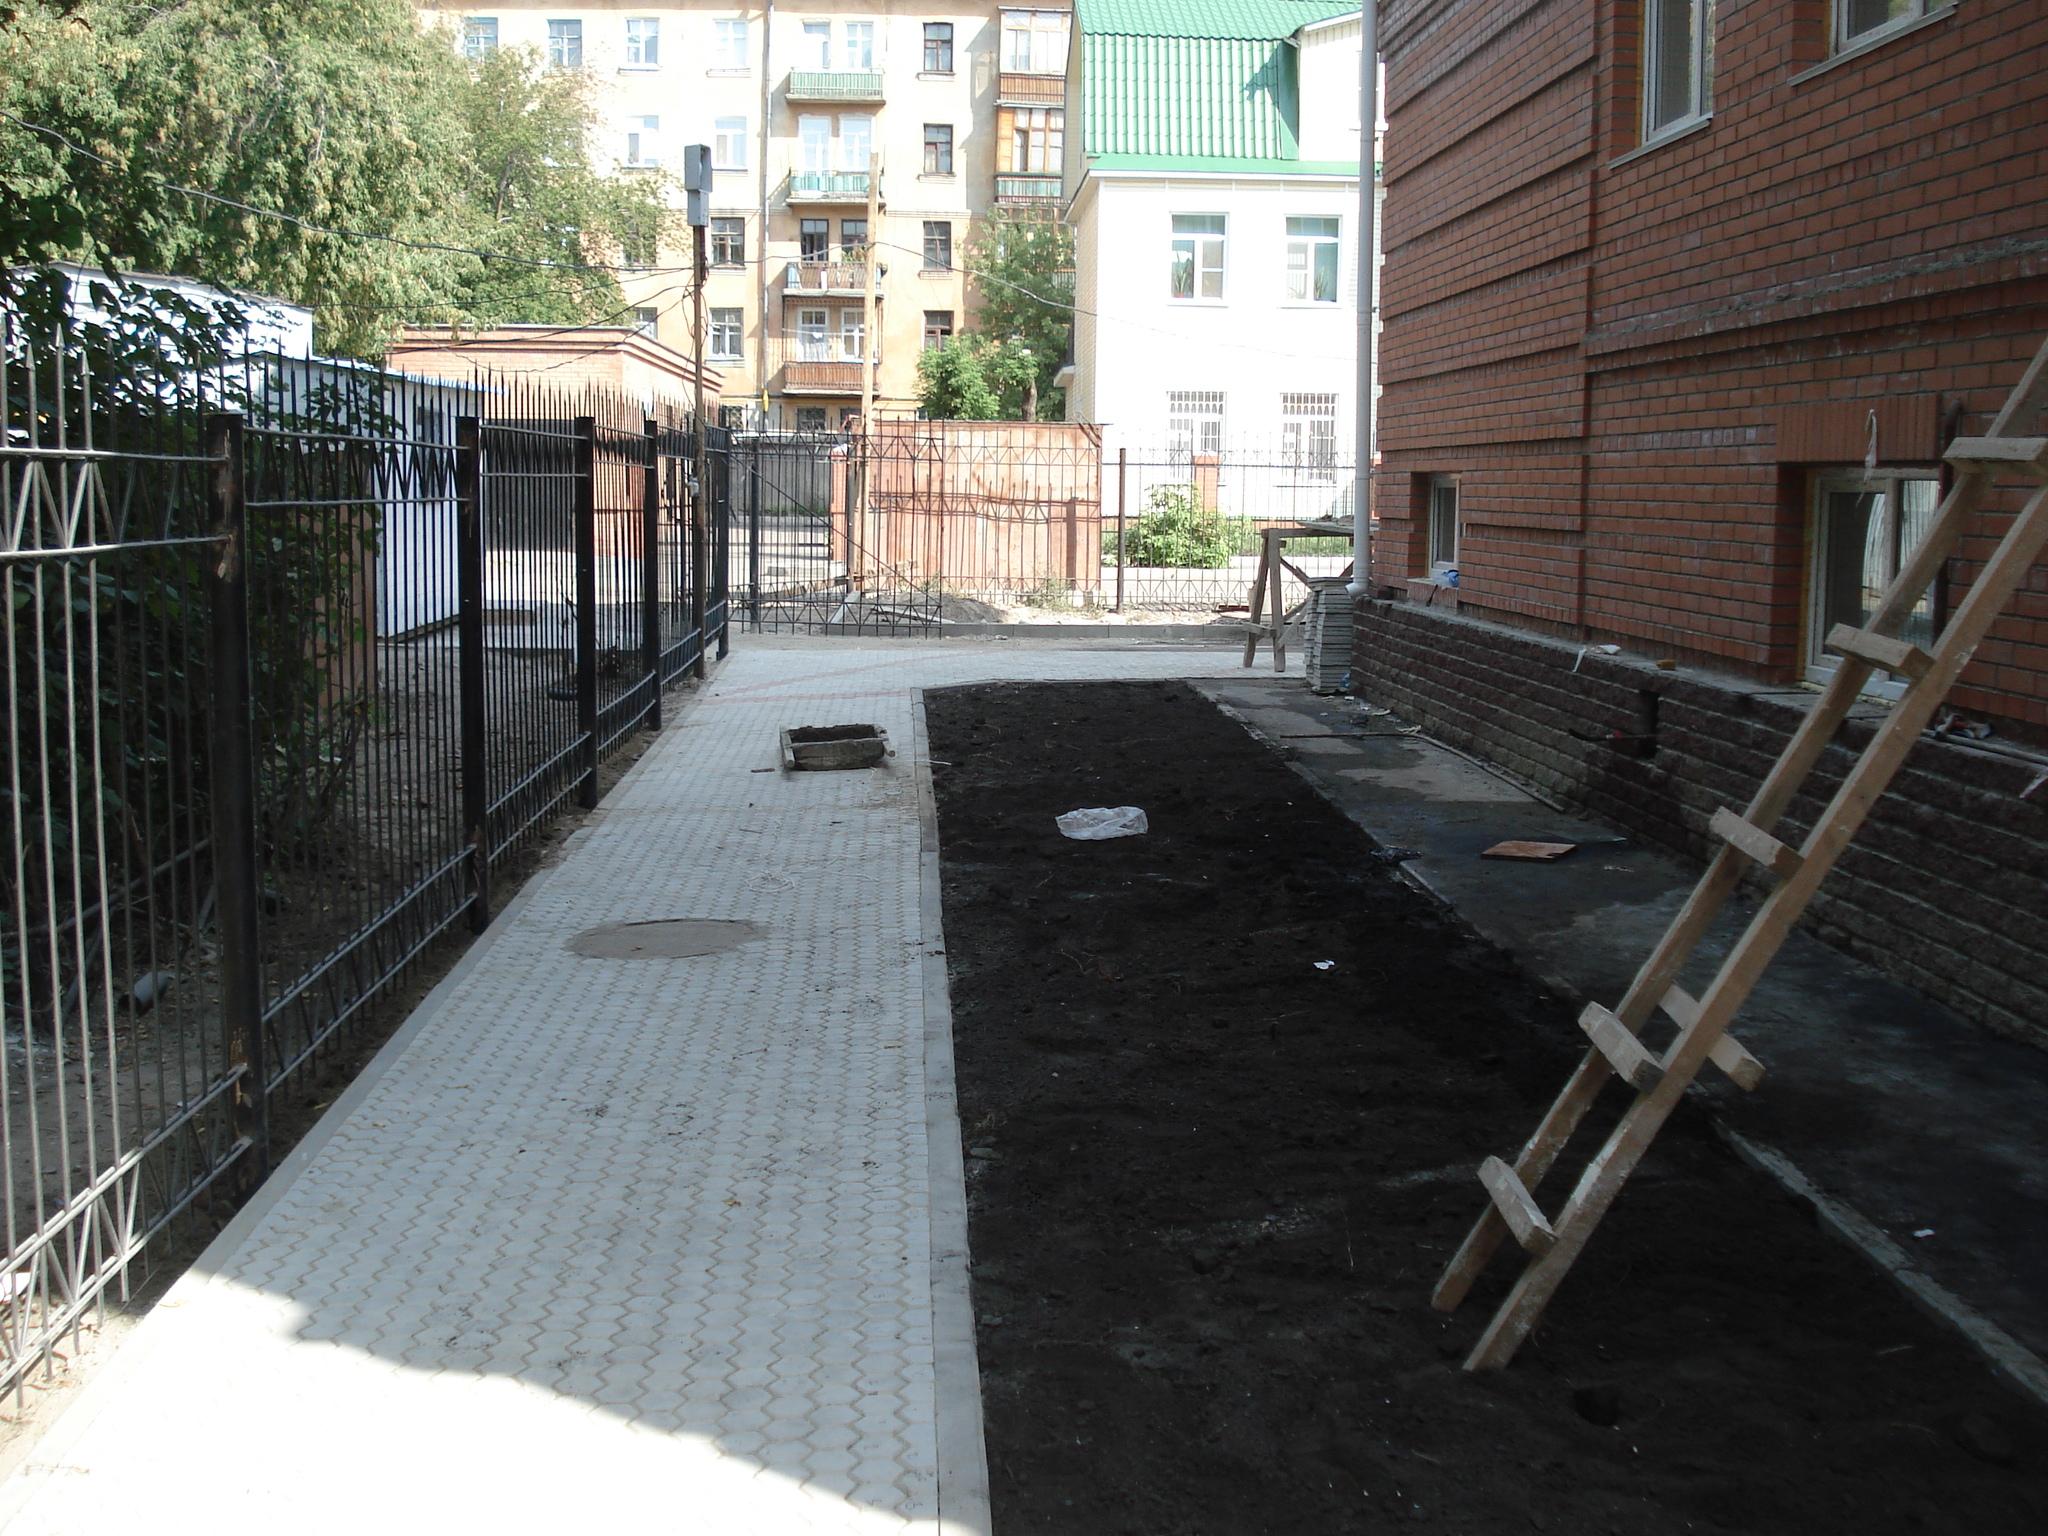 http://plitka-omsk55.ru/images/upload/DSC05576.JPG